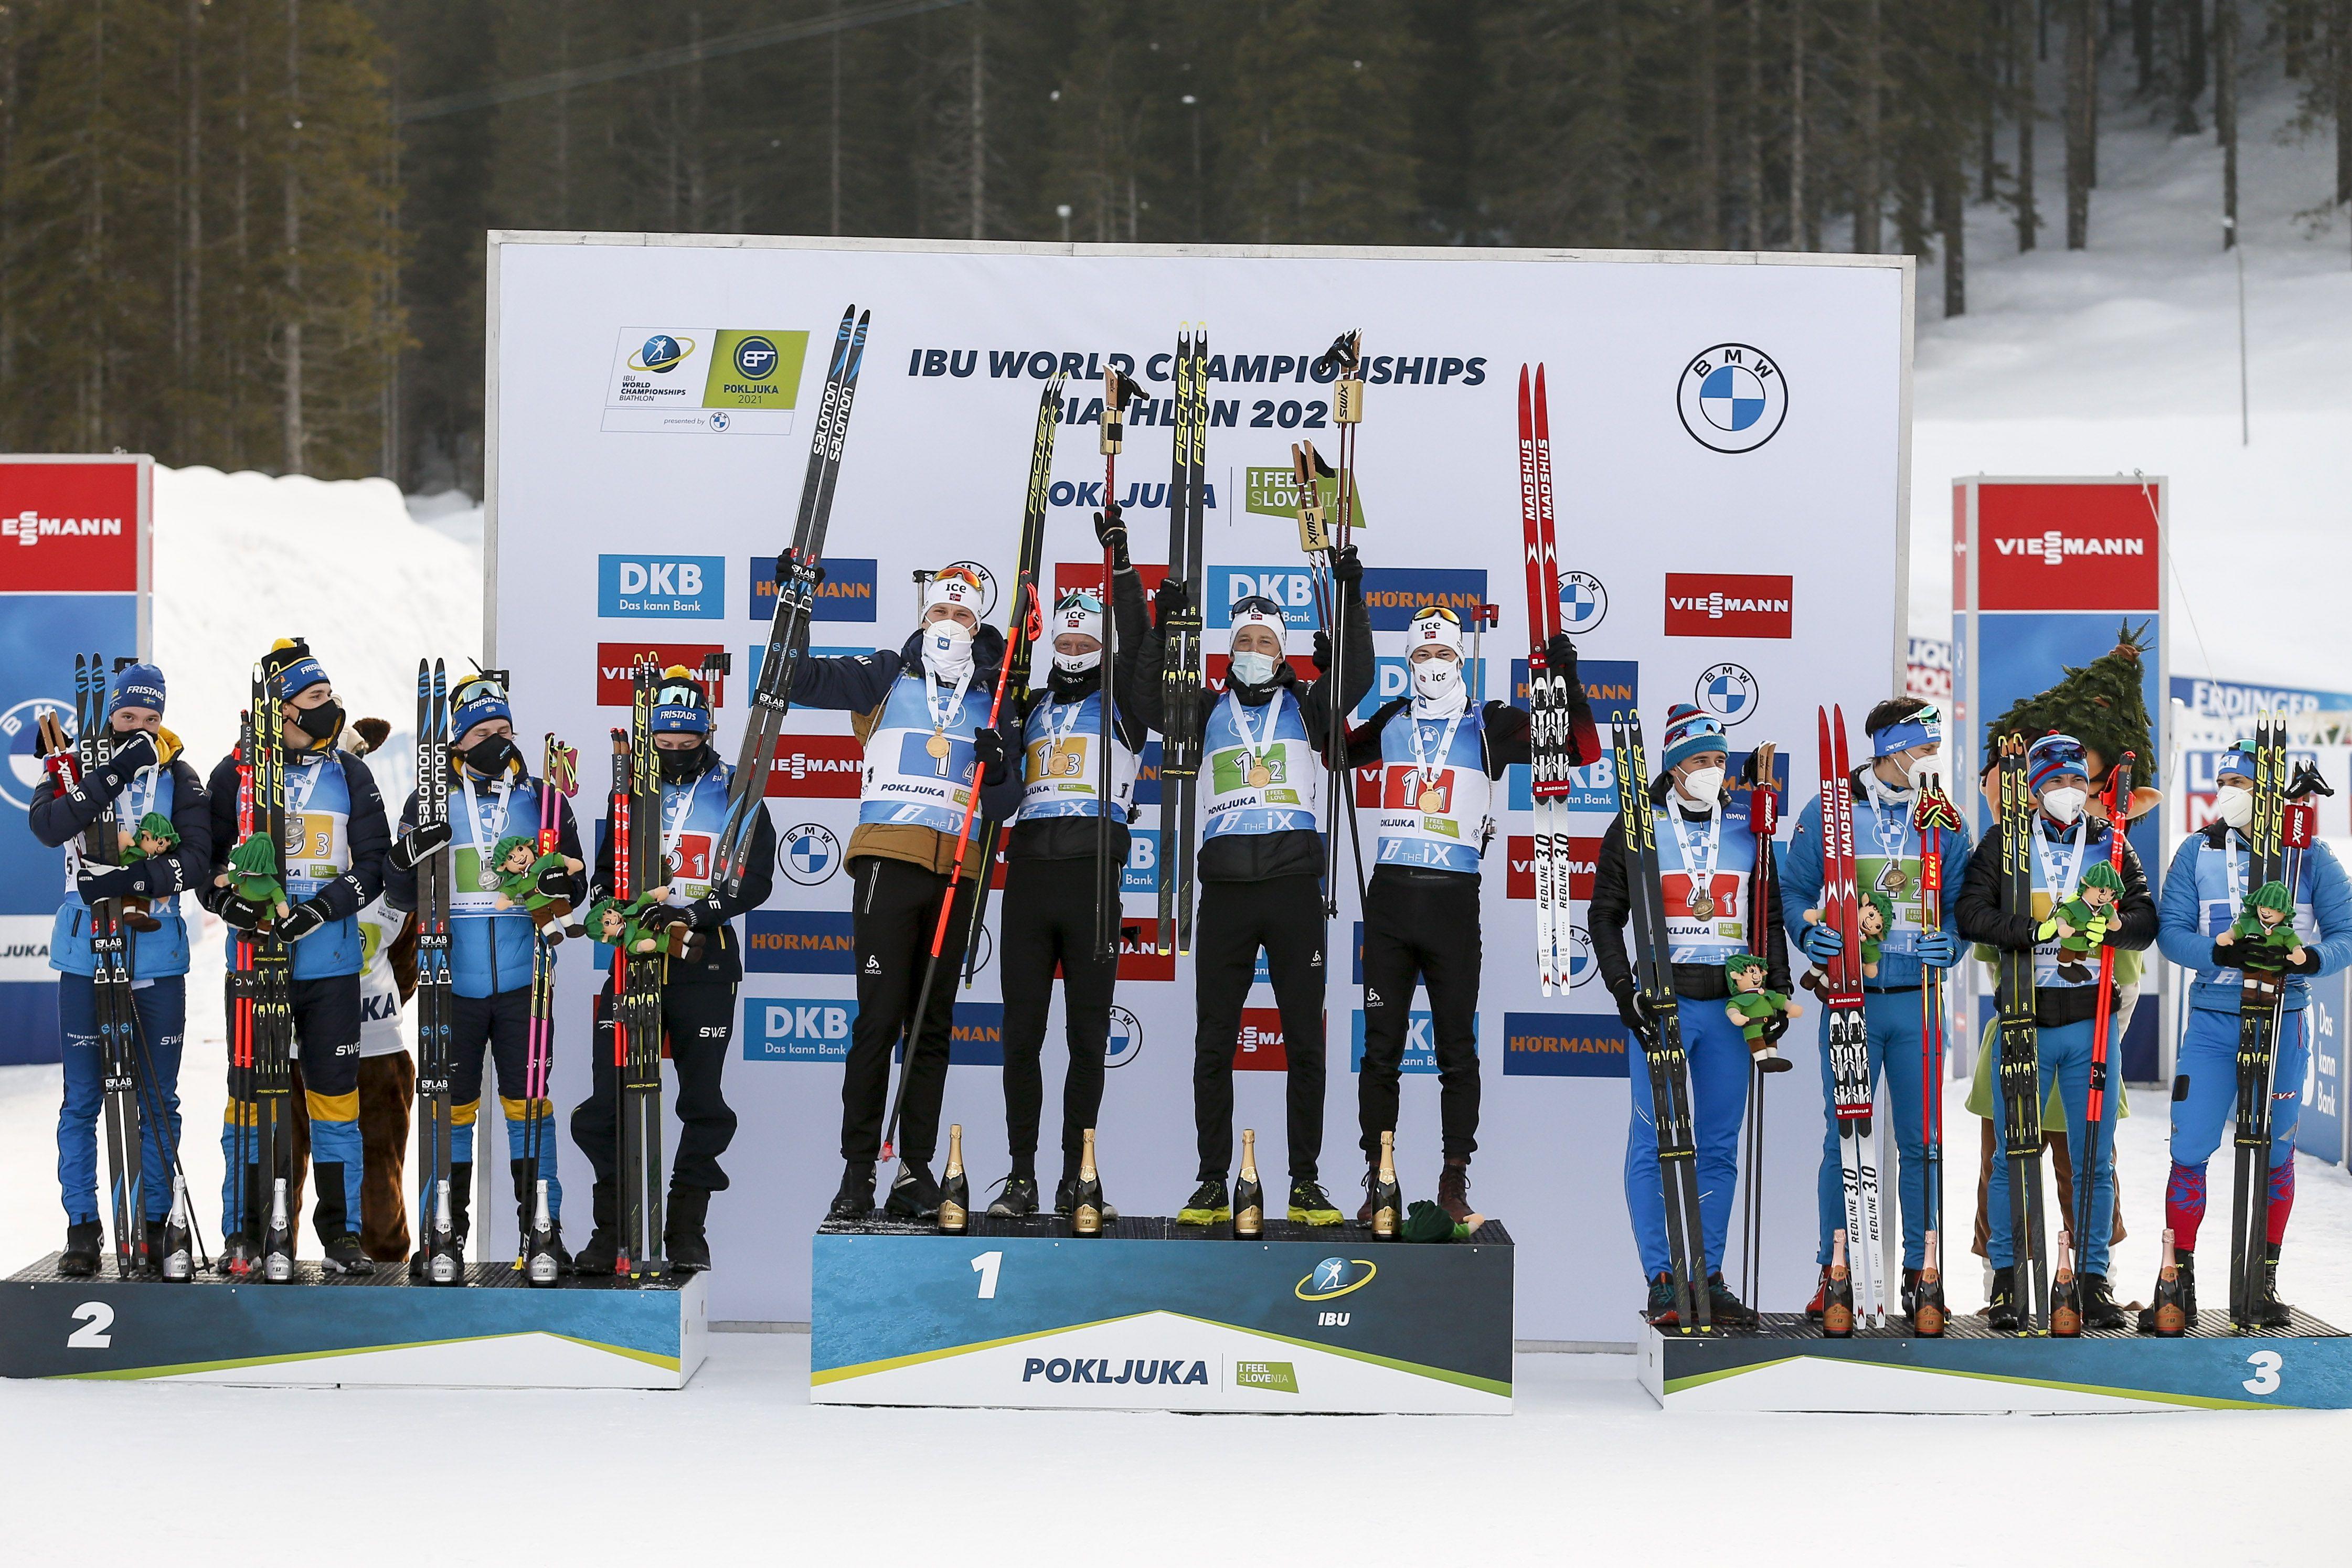 Ростовцев отреагировал на выступление женской сборной России в масс-старте на ЧМ по биатлону